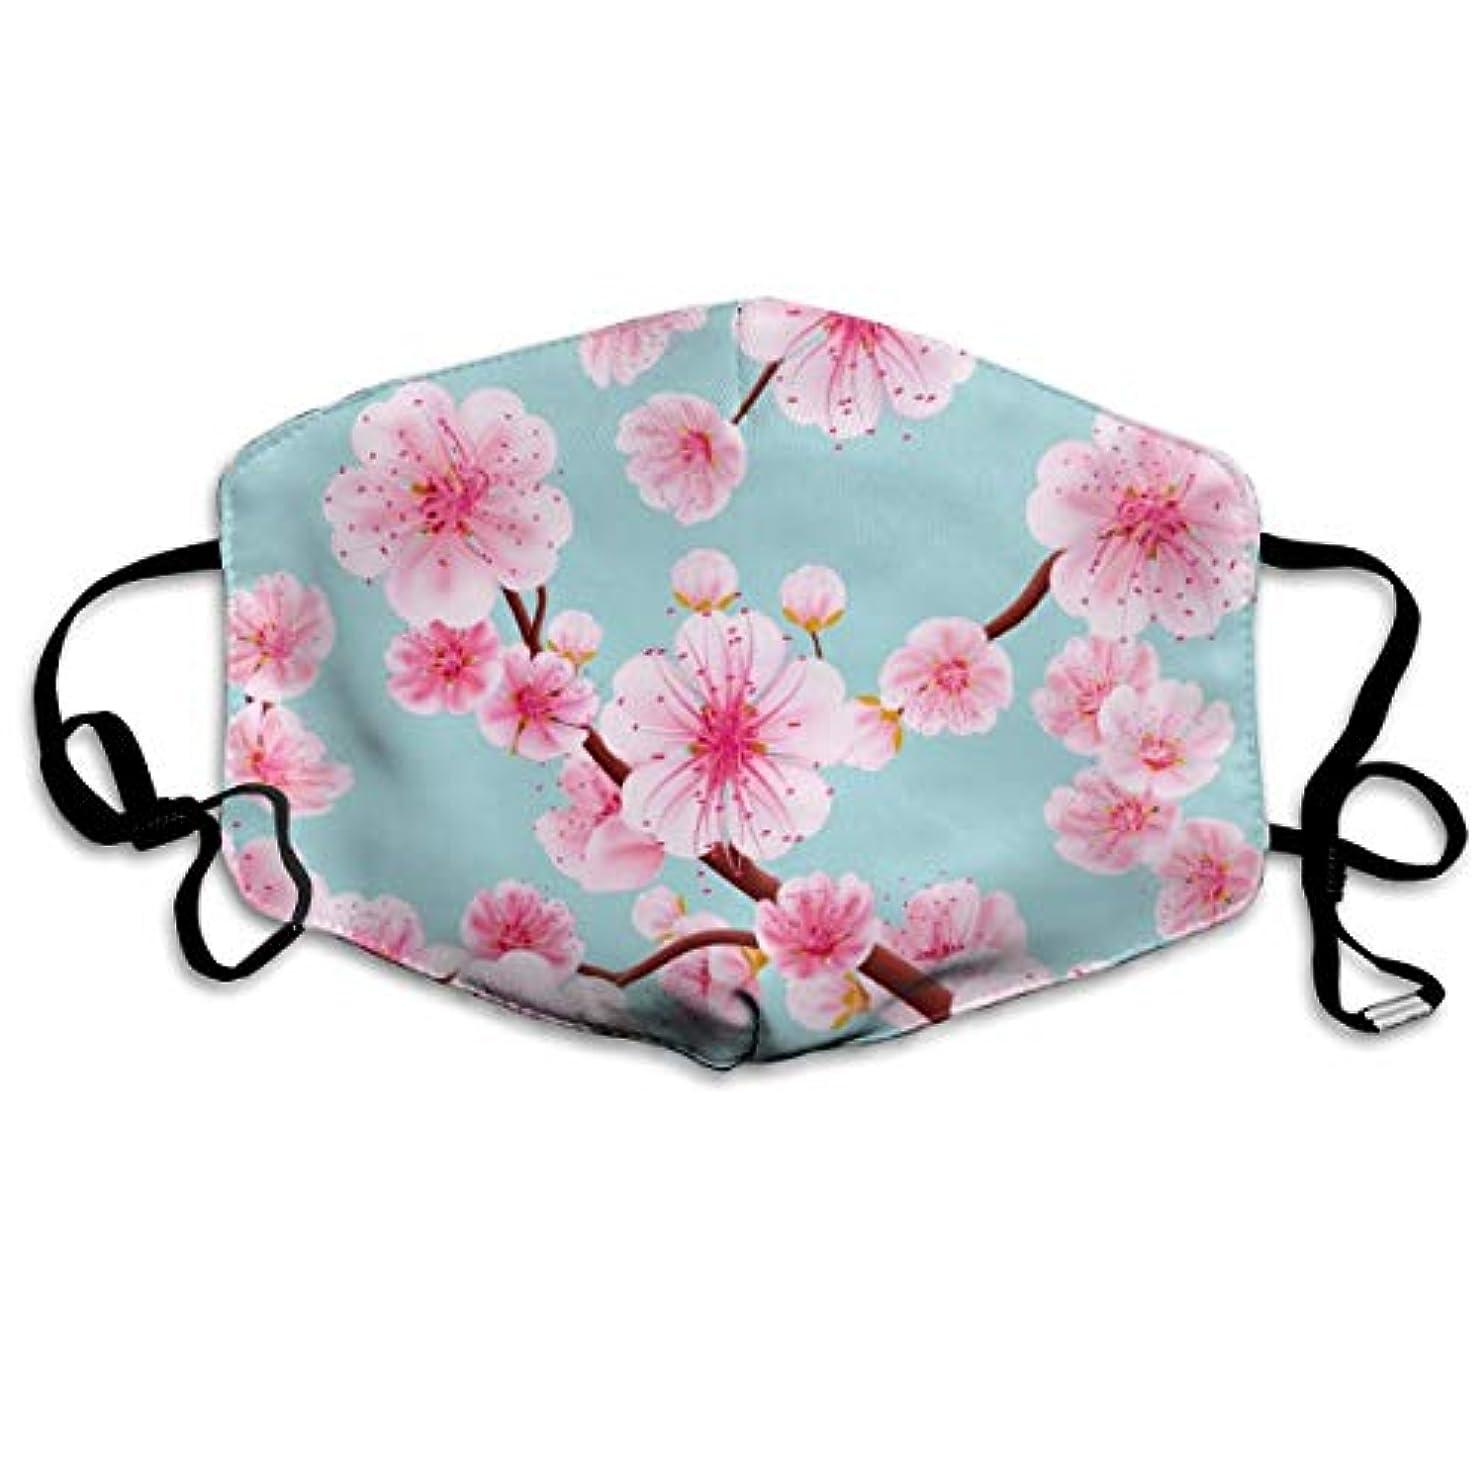 傷跡まもなくコロニアルピンクの桜 マスク繊維通気性アウトドアファッション調節可能再利用可能ユニセックス